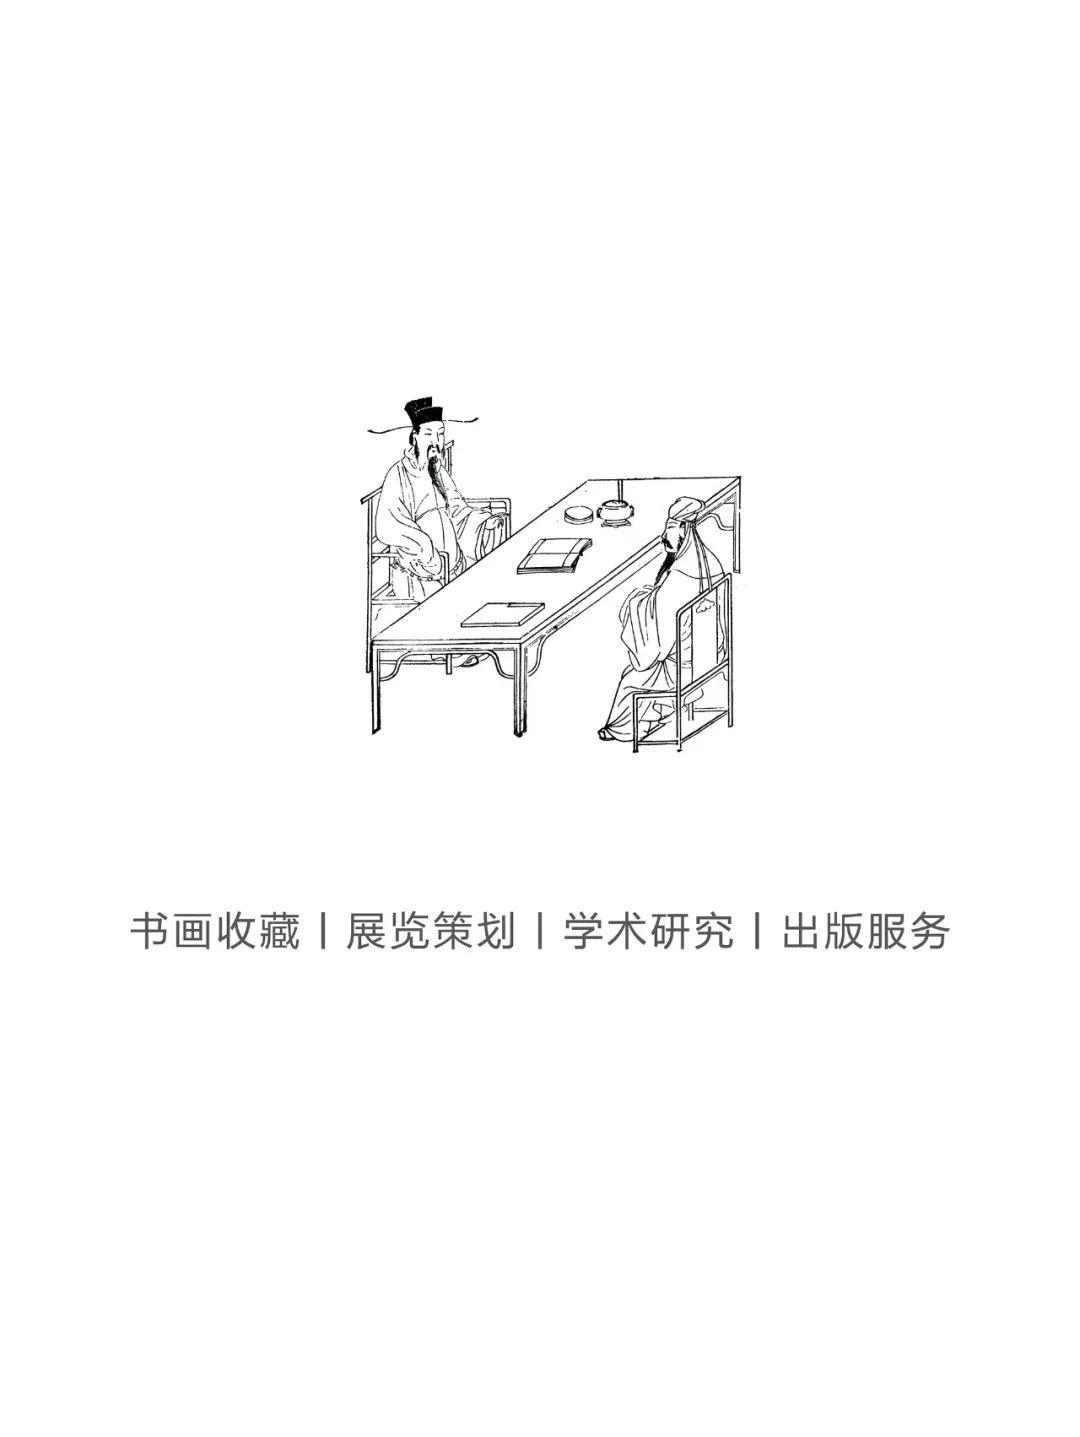 私享品鉴丨李亚:我从中国大文化中感悟,书画的诗性和雅气